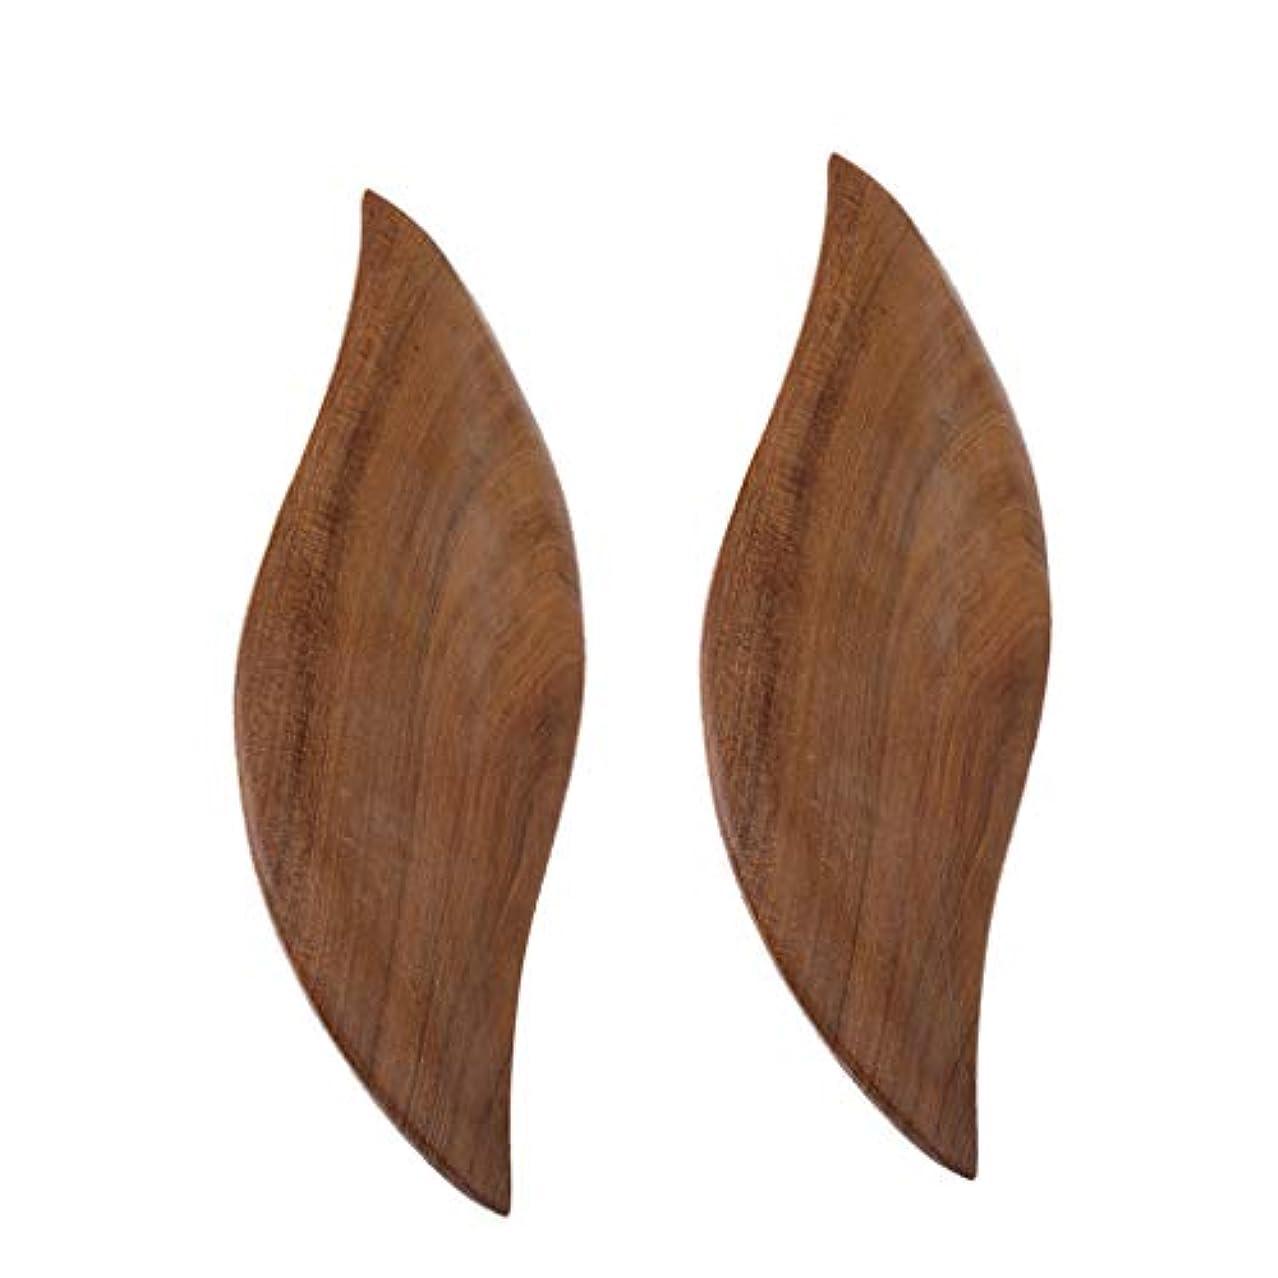 有効化ノイズモーション2枚 かっさプレート 木製 ボード ボディーケア 葉の形 便利